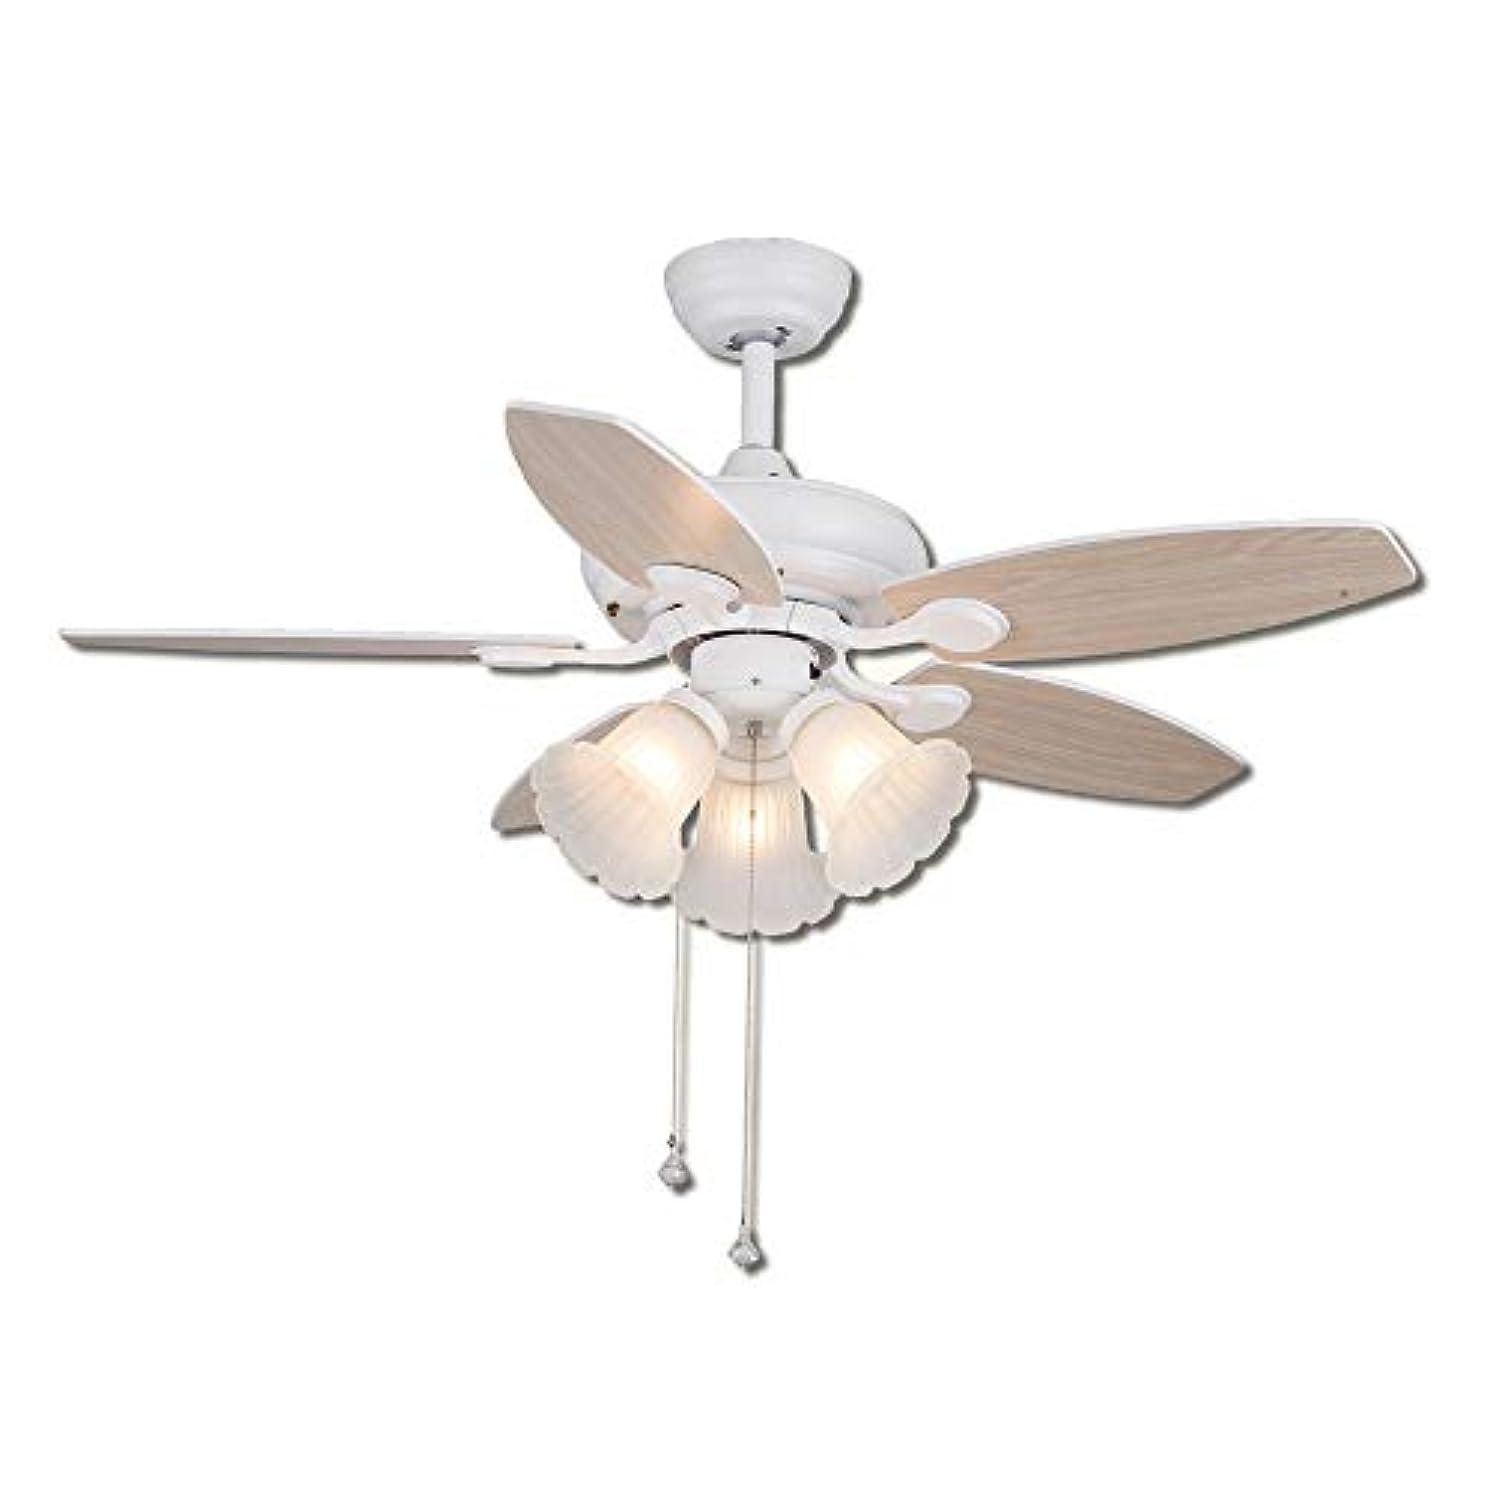 研磨剤団結する句読点ライトと天井のファン、ロープコントロール静かでサイレントモーターシャンデリアと白い花の形のガラスランプシェードとランプと天井のファン(光源を含まない)